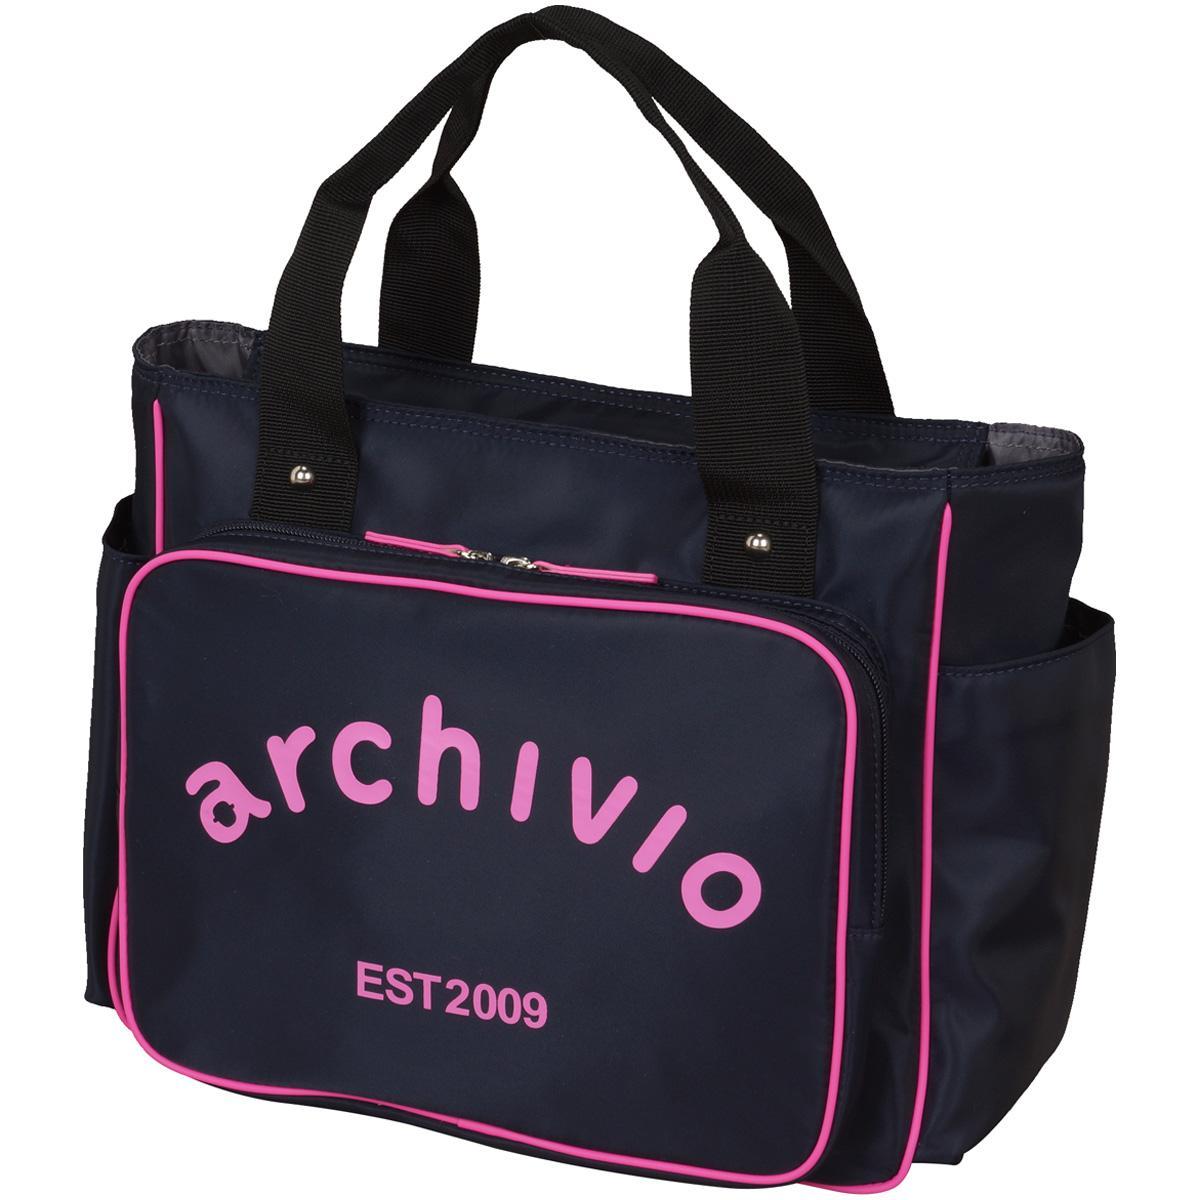 【4/14(日)までお得なクーポン配布中♪】アルチビオ archivio カートバッグ